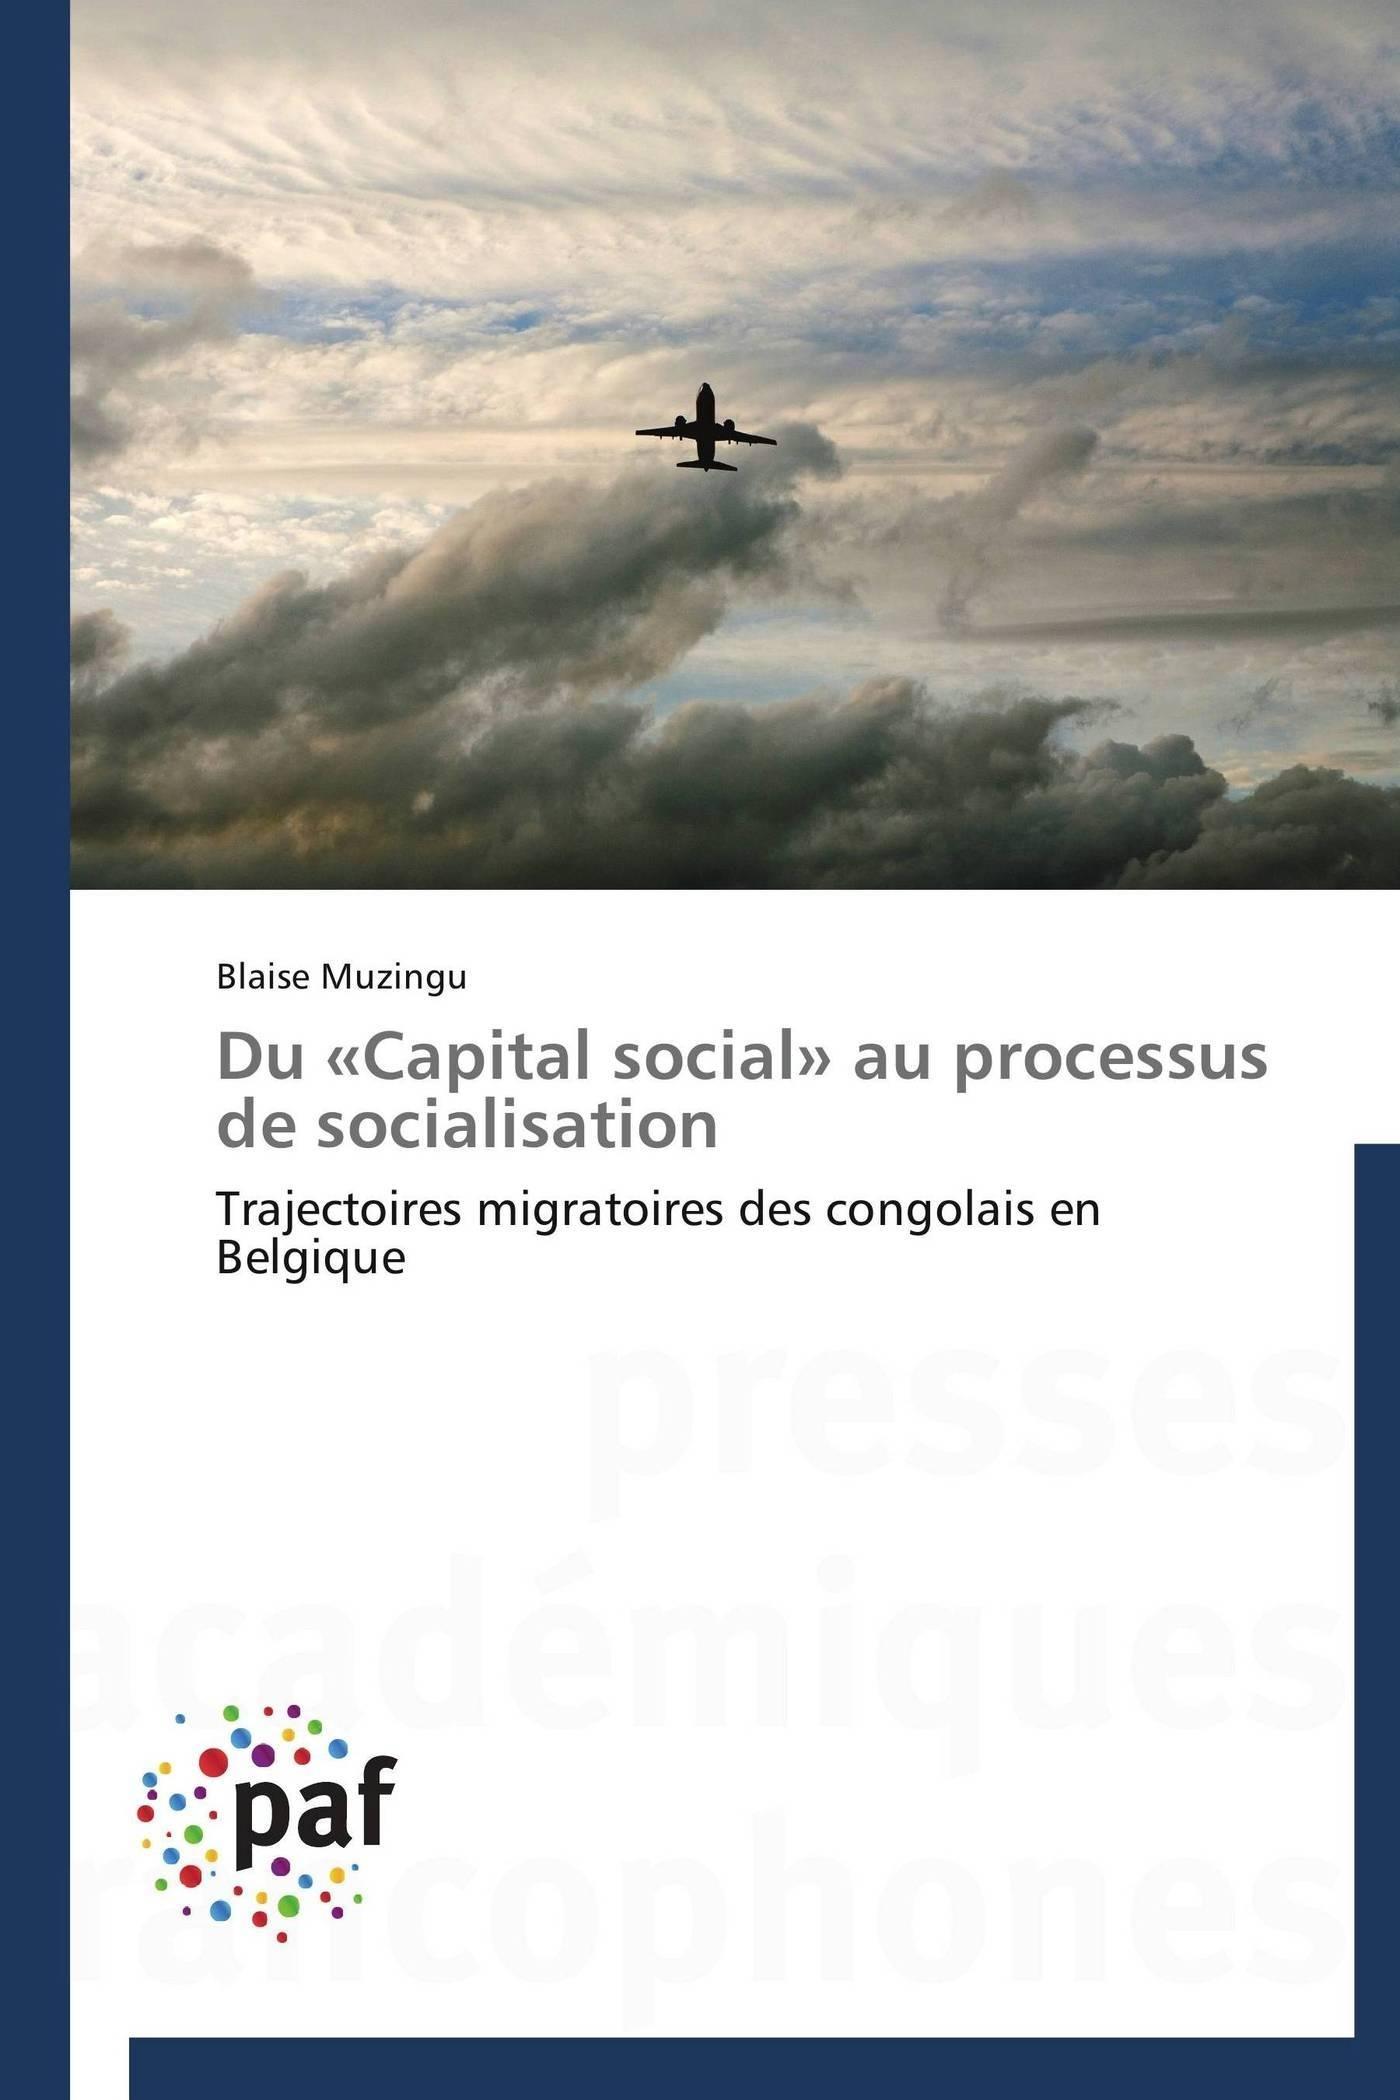 DU  CAPITAL SOCIAL  AU PROCESSUS DE SOCIALISATION